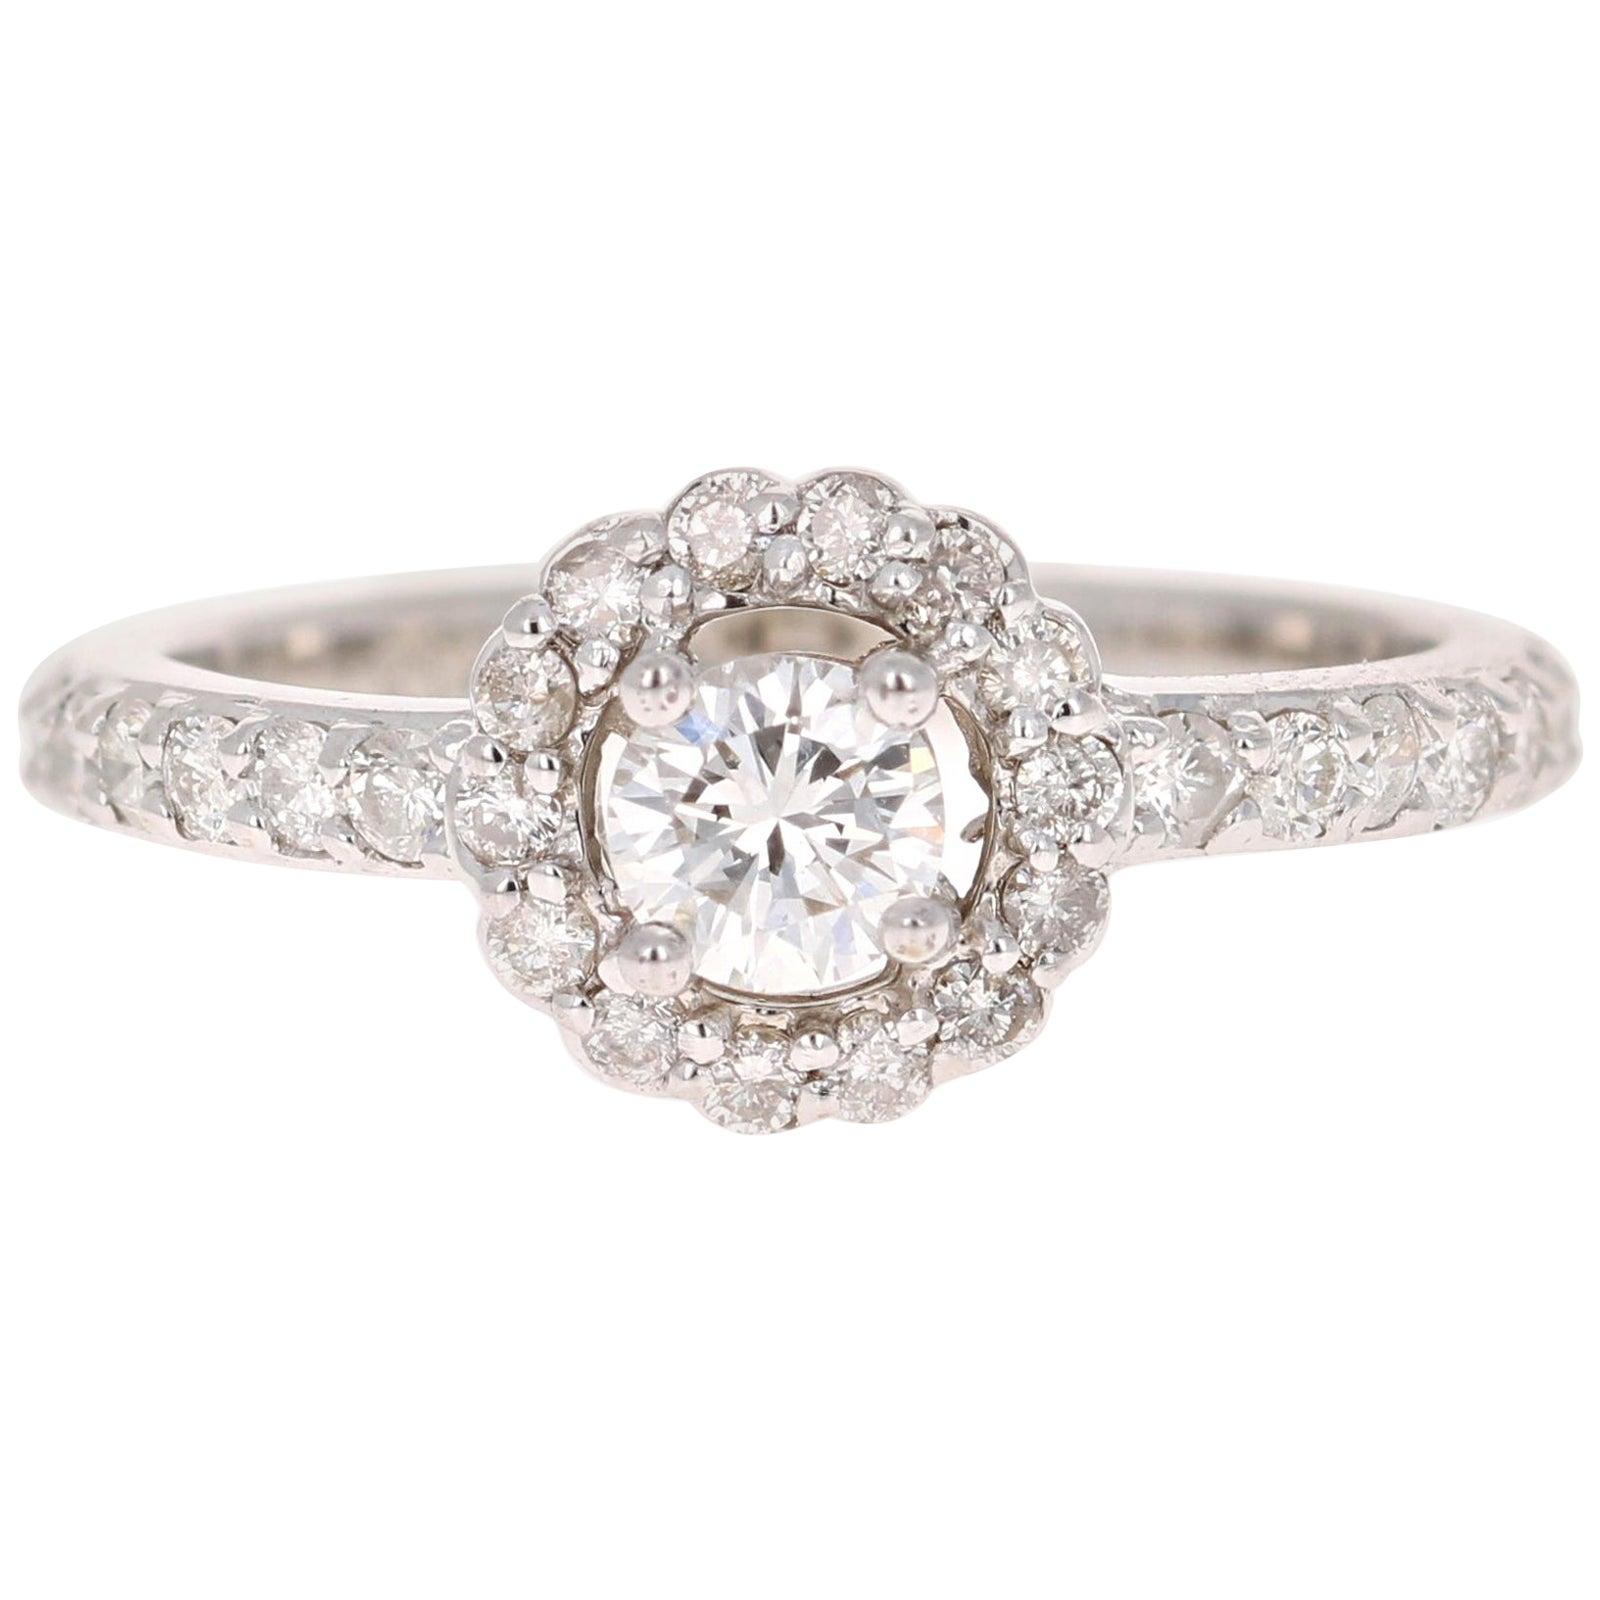 0.82 Carat Diamond 14 Karat White Gold Ring